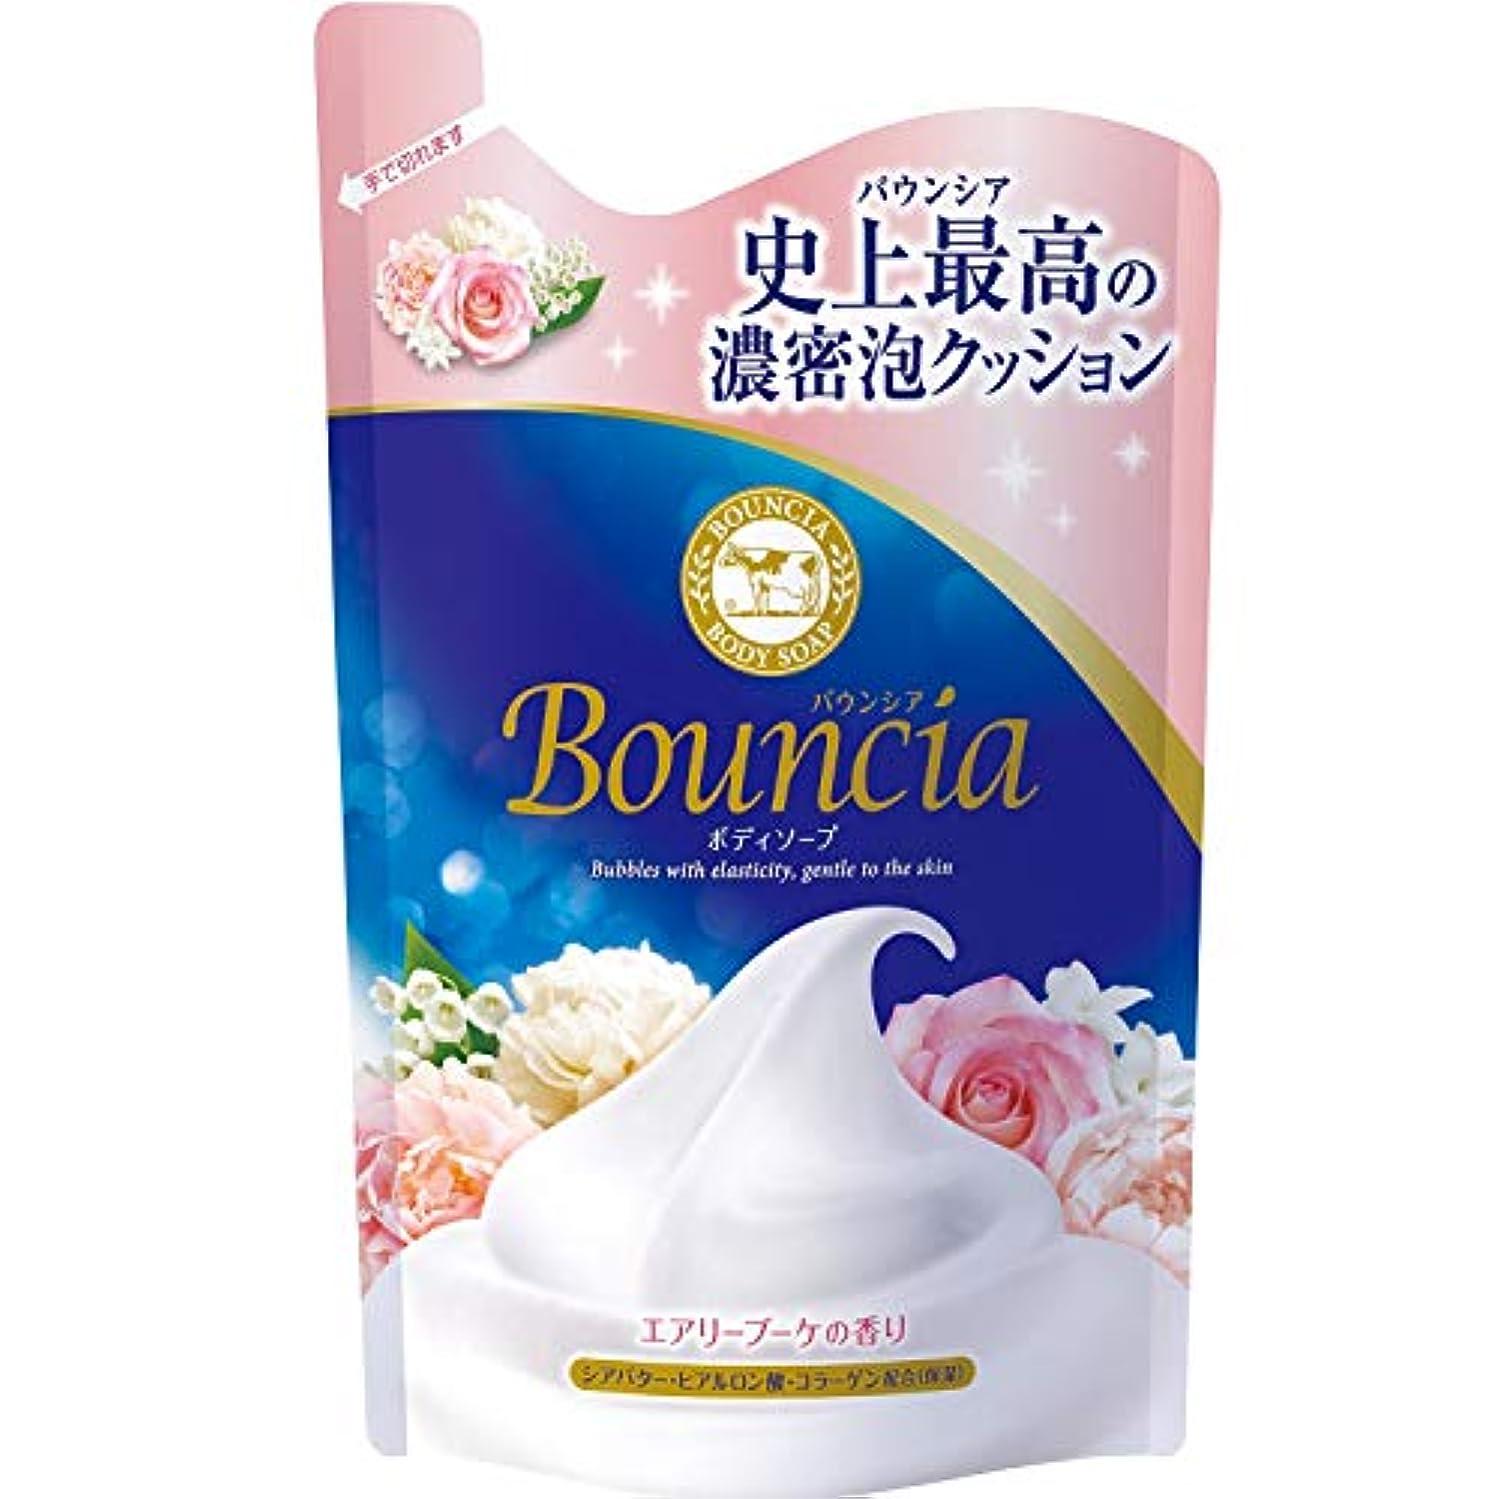 好色なシマウマ禁止するバウンシア ボディソープ エアリーブーケの香り 詰替 400mL